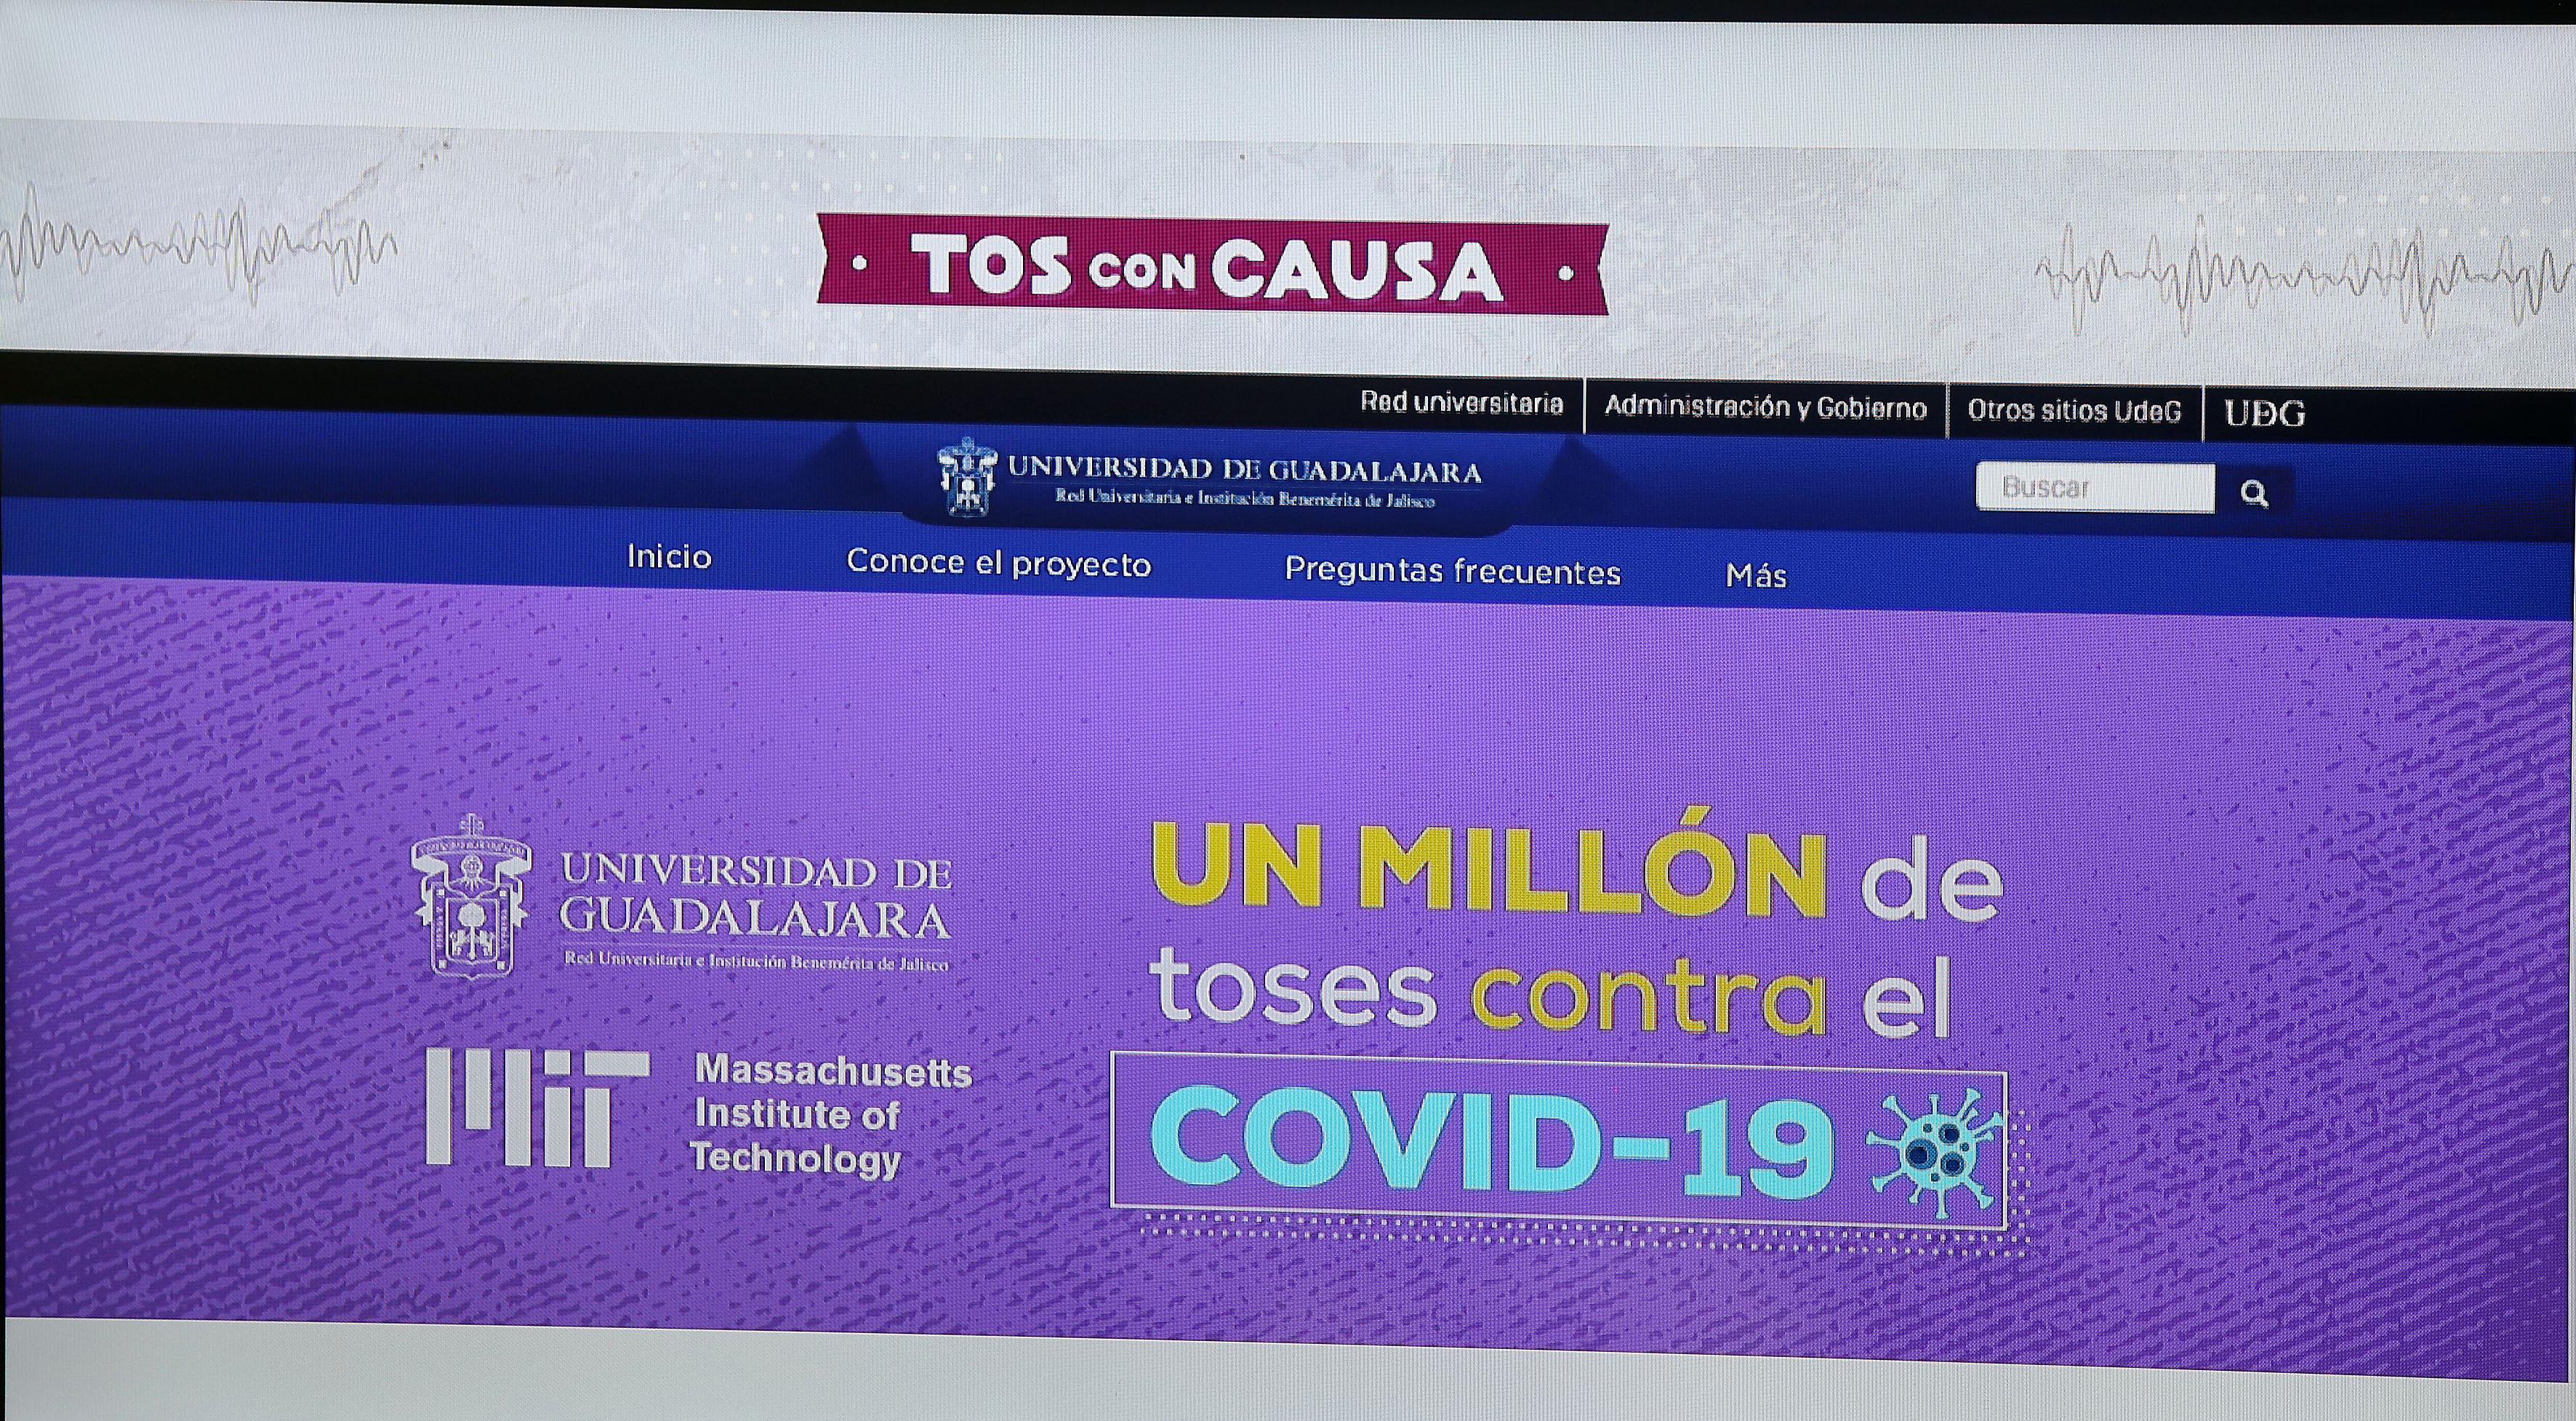 Imagen de la página Web del proyecto Tos con Causa